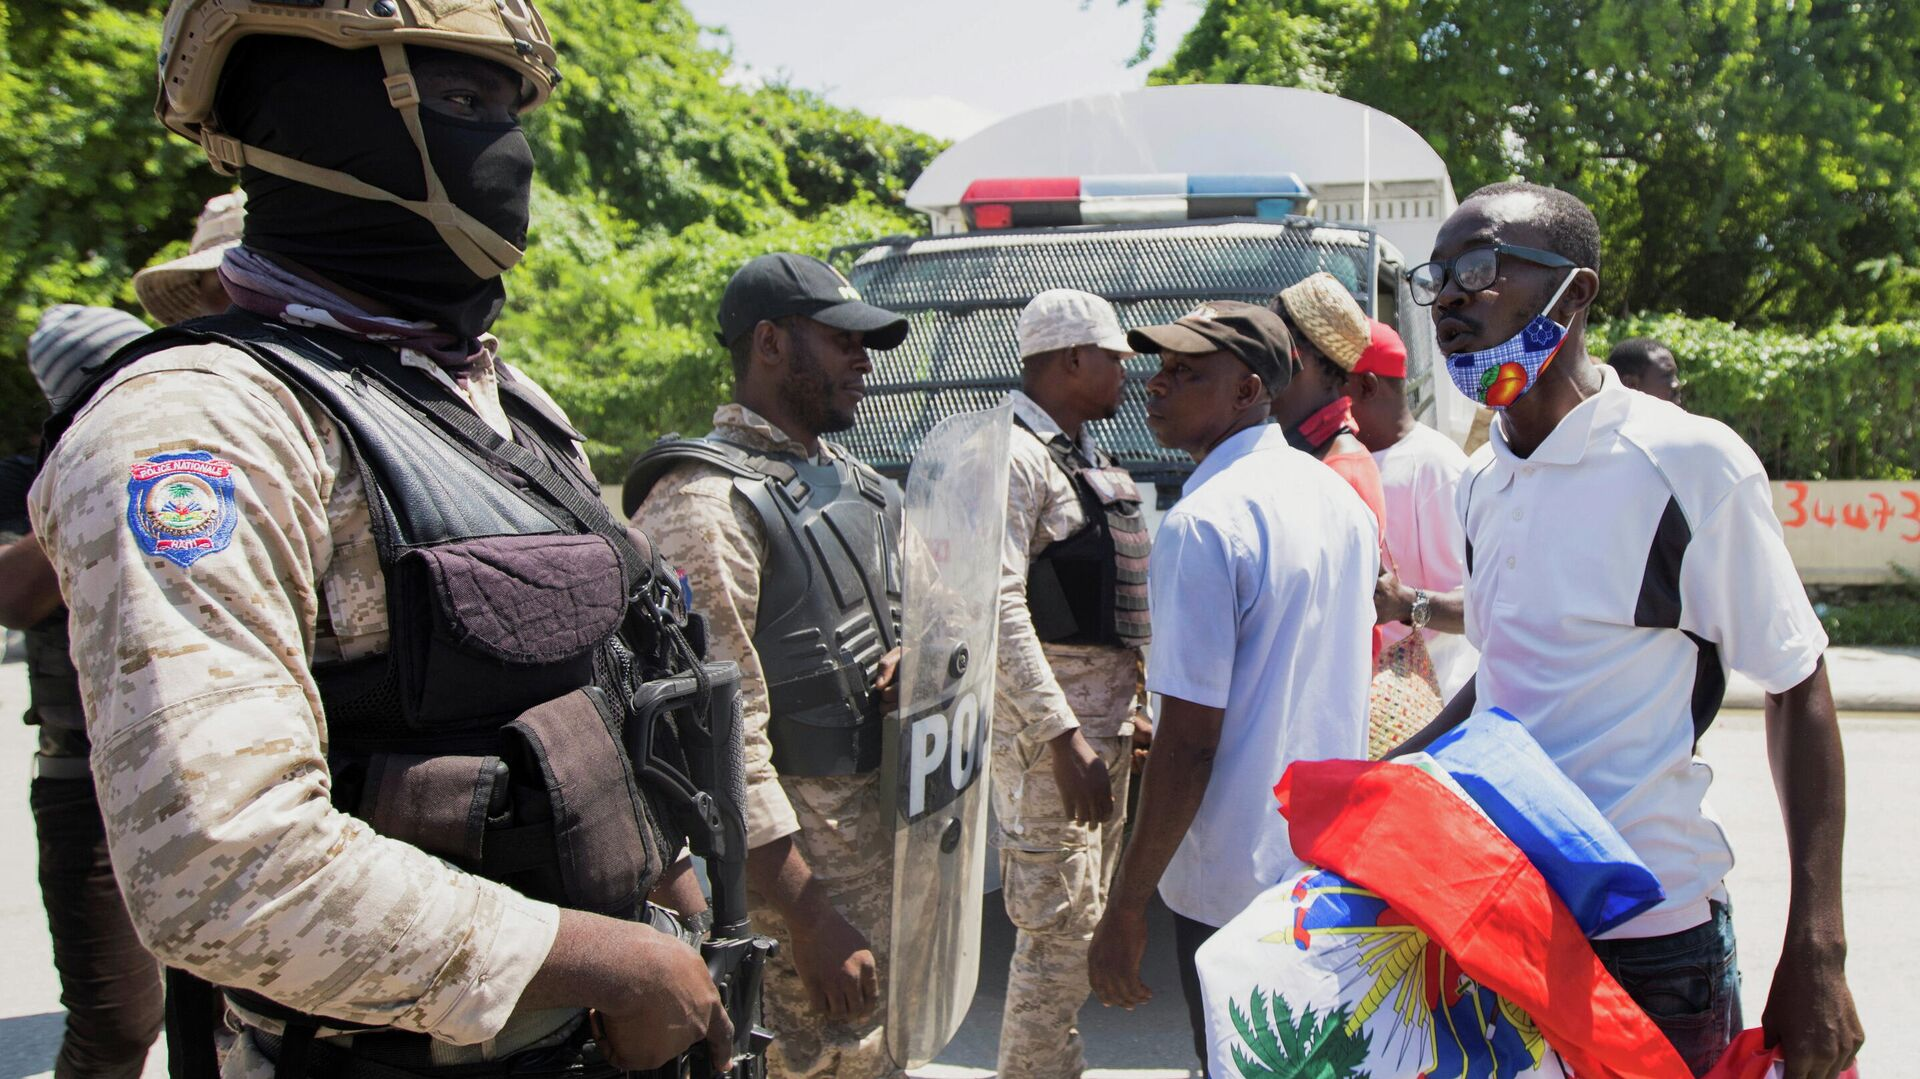 Protestas contra la deportación de haitianos de EEUU - Sputnik Mundo, 1920, 30.09.2021